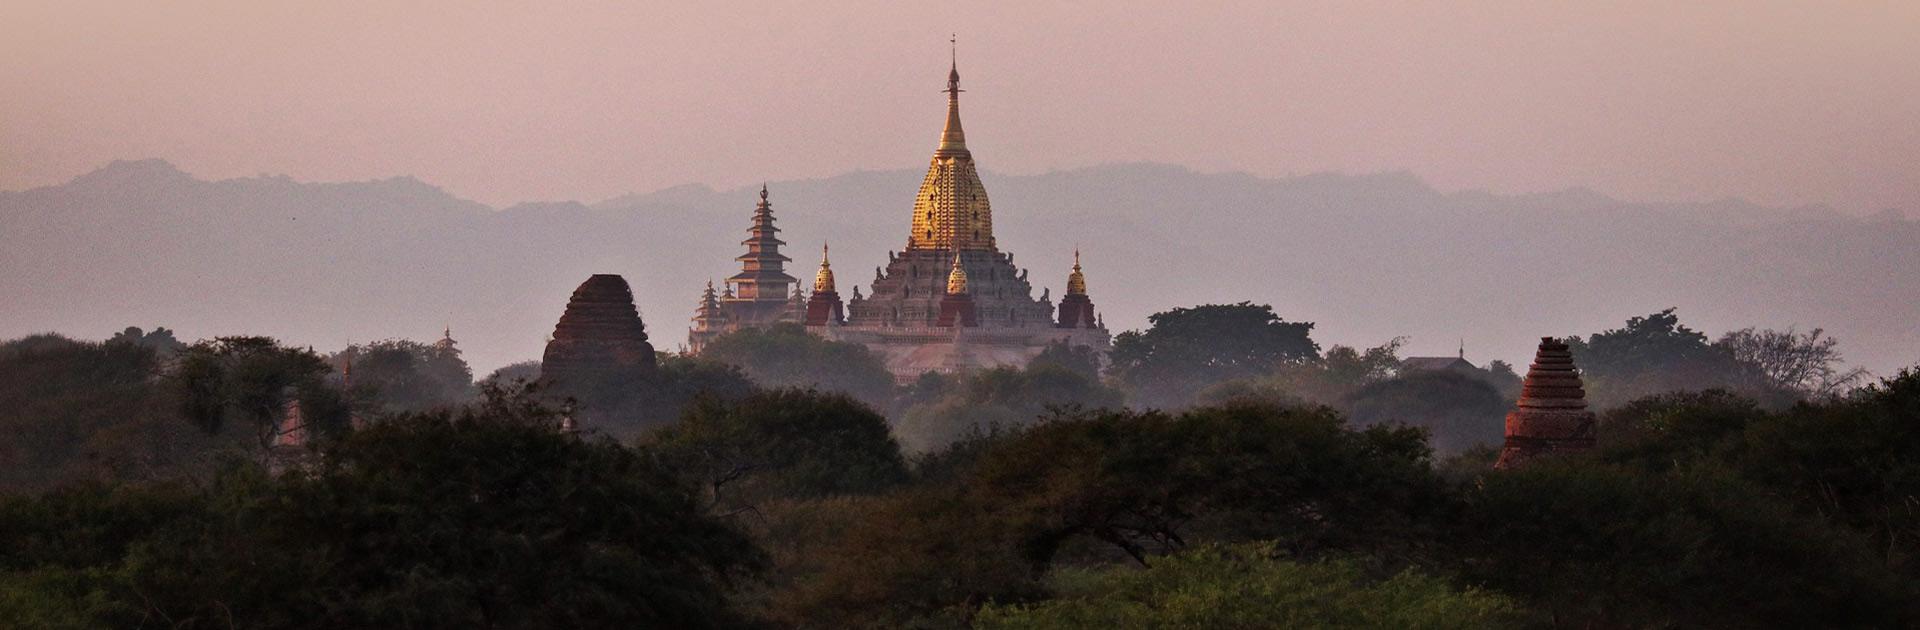 MMTH Escapada a Myanmar y Phuket 13 días 2